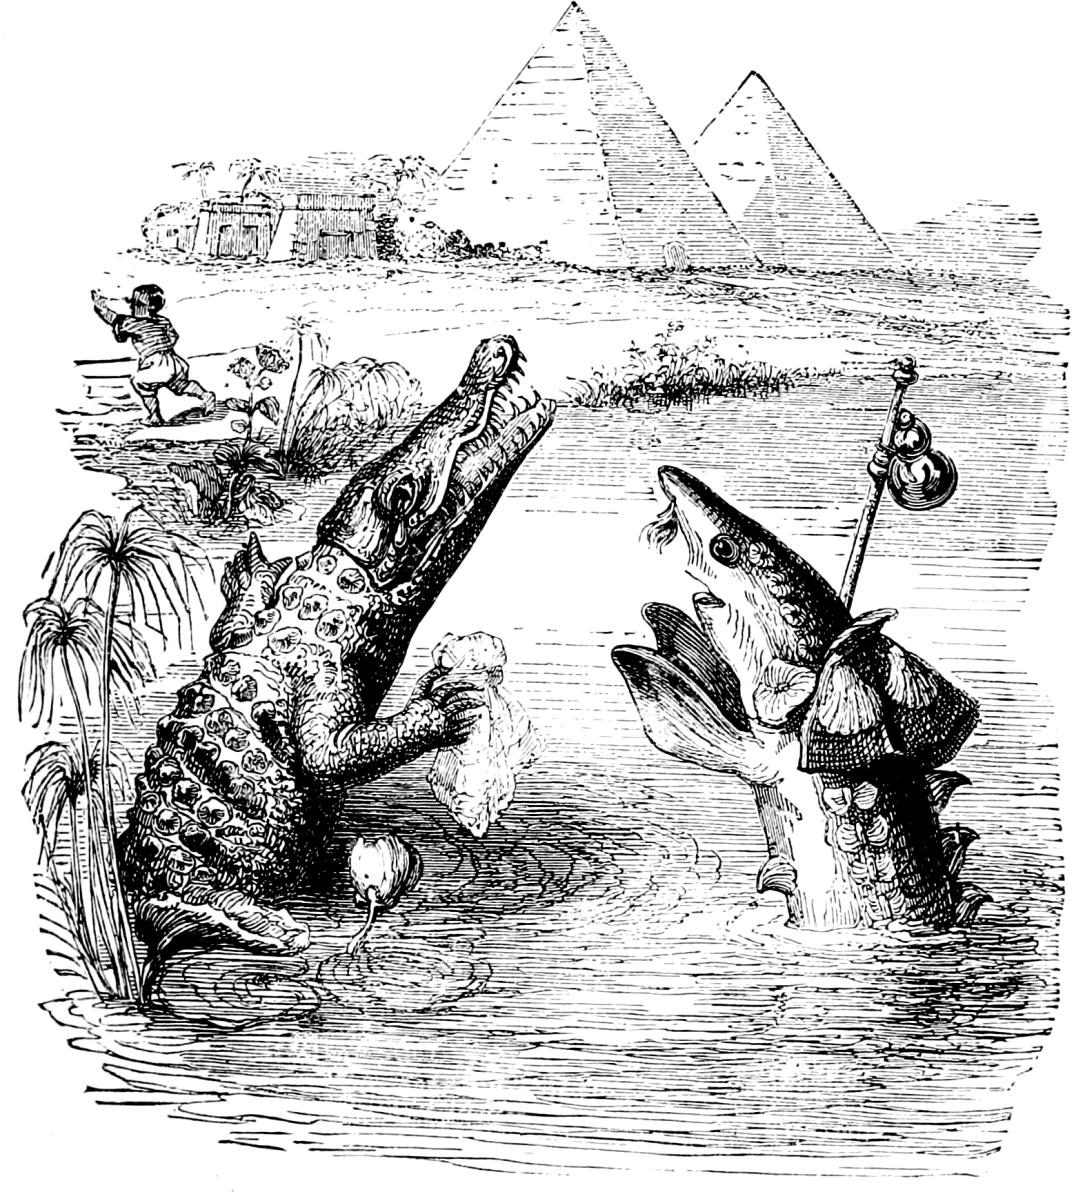 Жан Иньяс Изидор (Жерар) Гранвиль. Осетр и Крокодил. Иллюстрации к басням Флориана